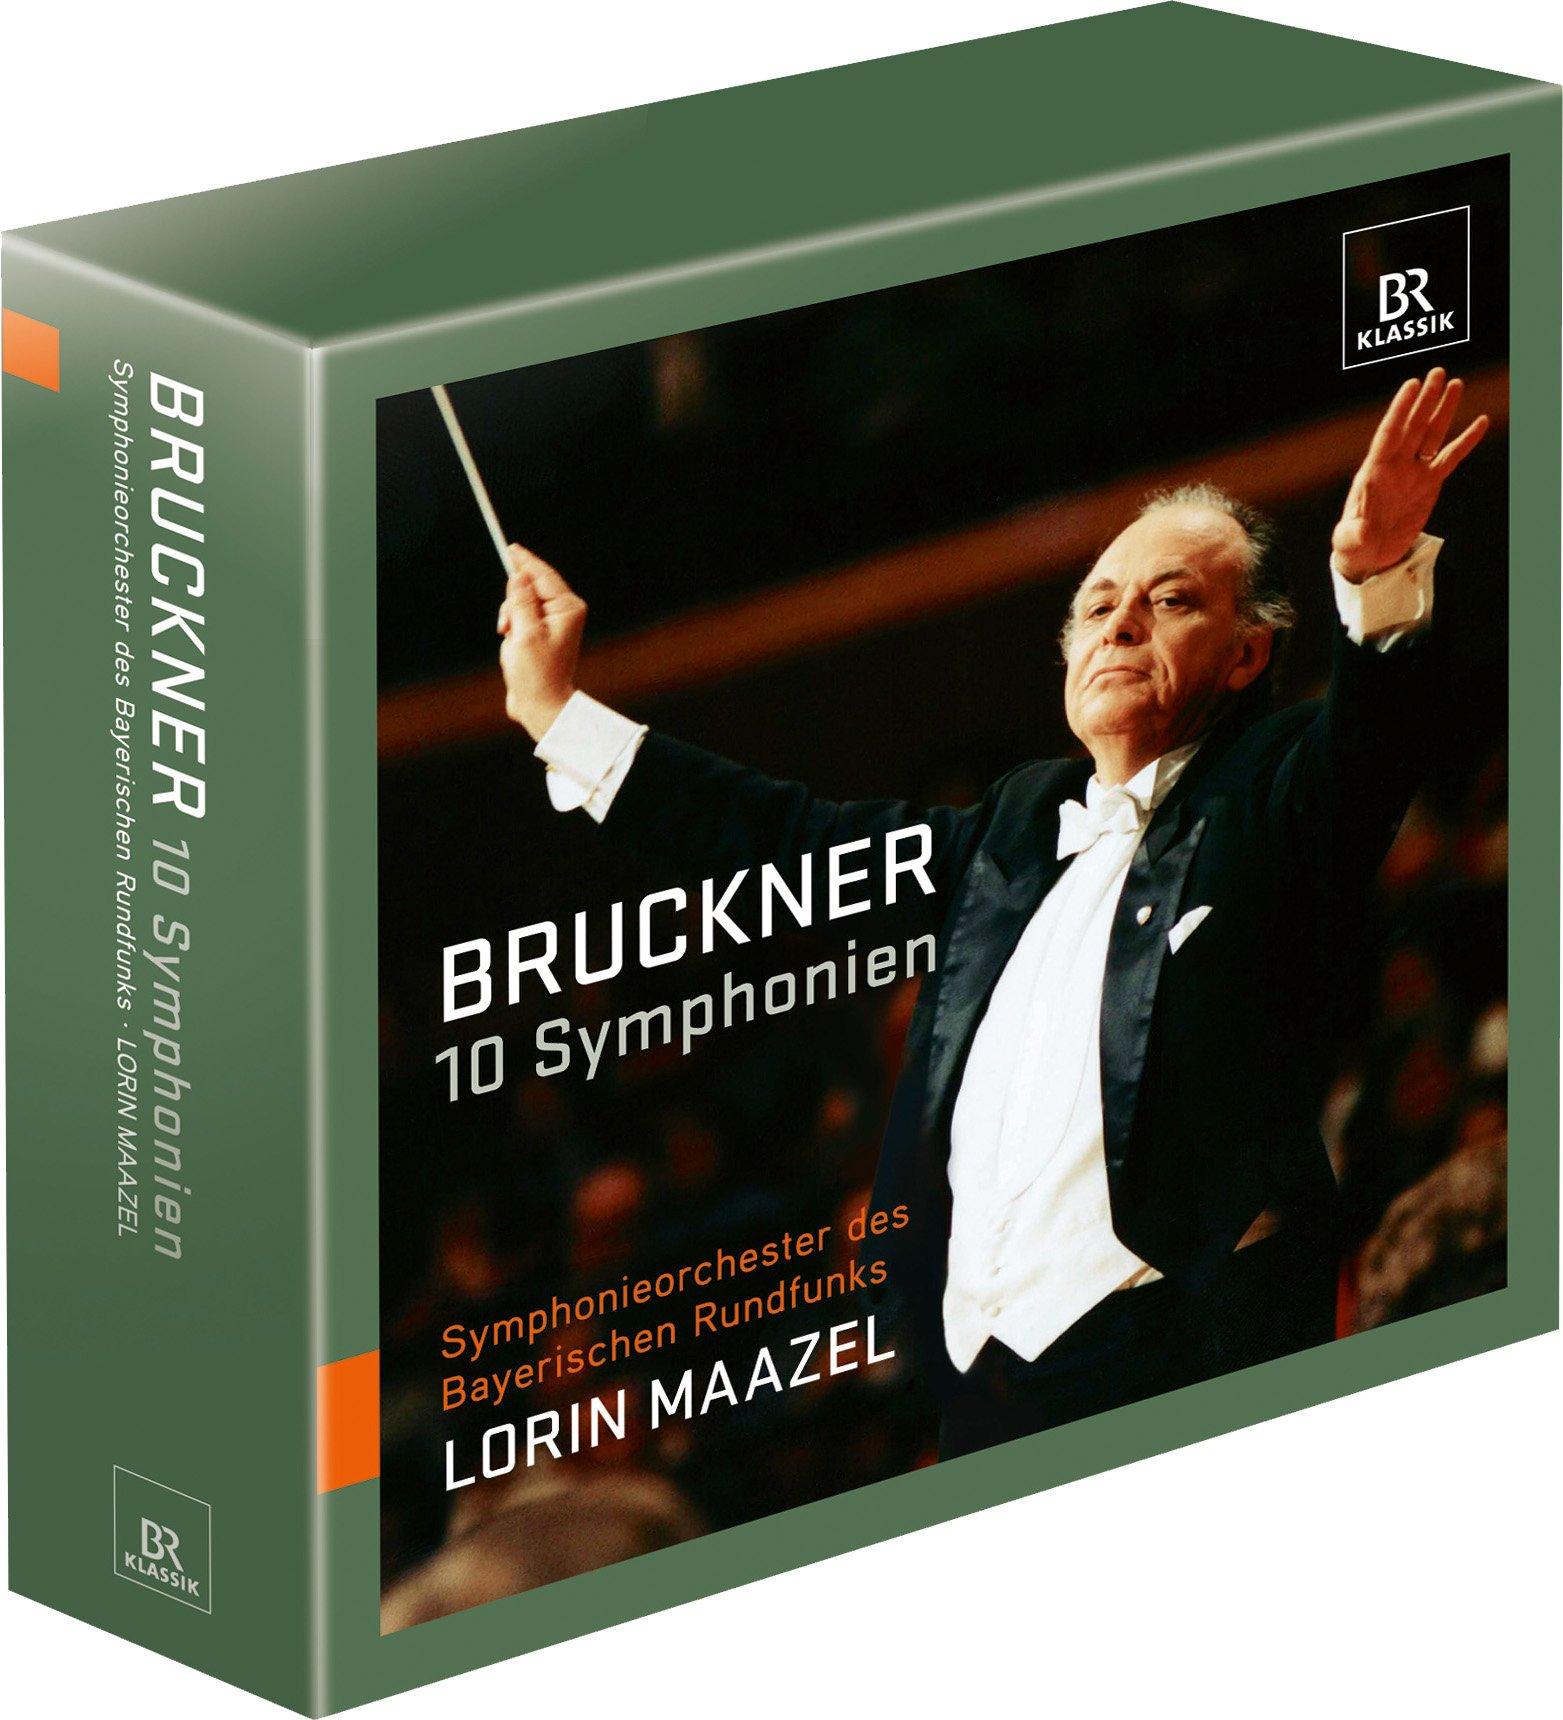 Bruckner: 10 Symphonies by BR Klassik